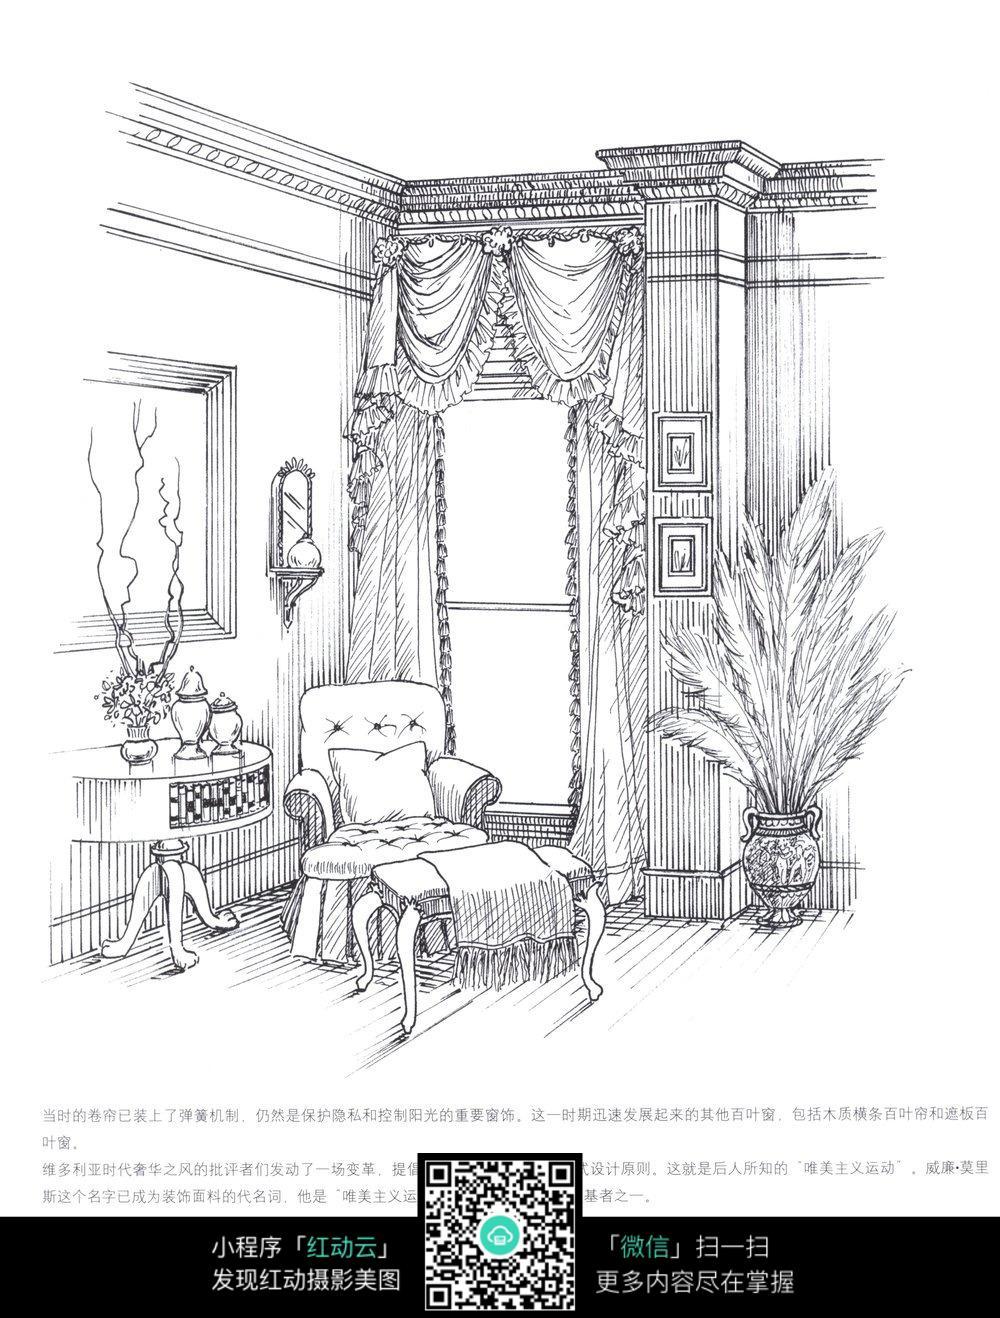 手绘设计稿 室内装饰图